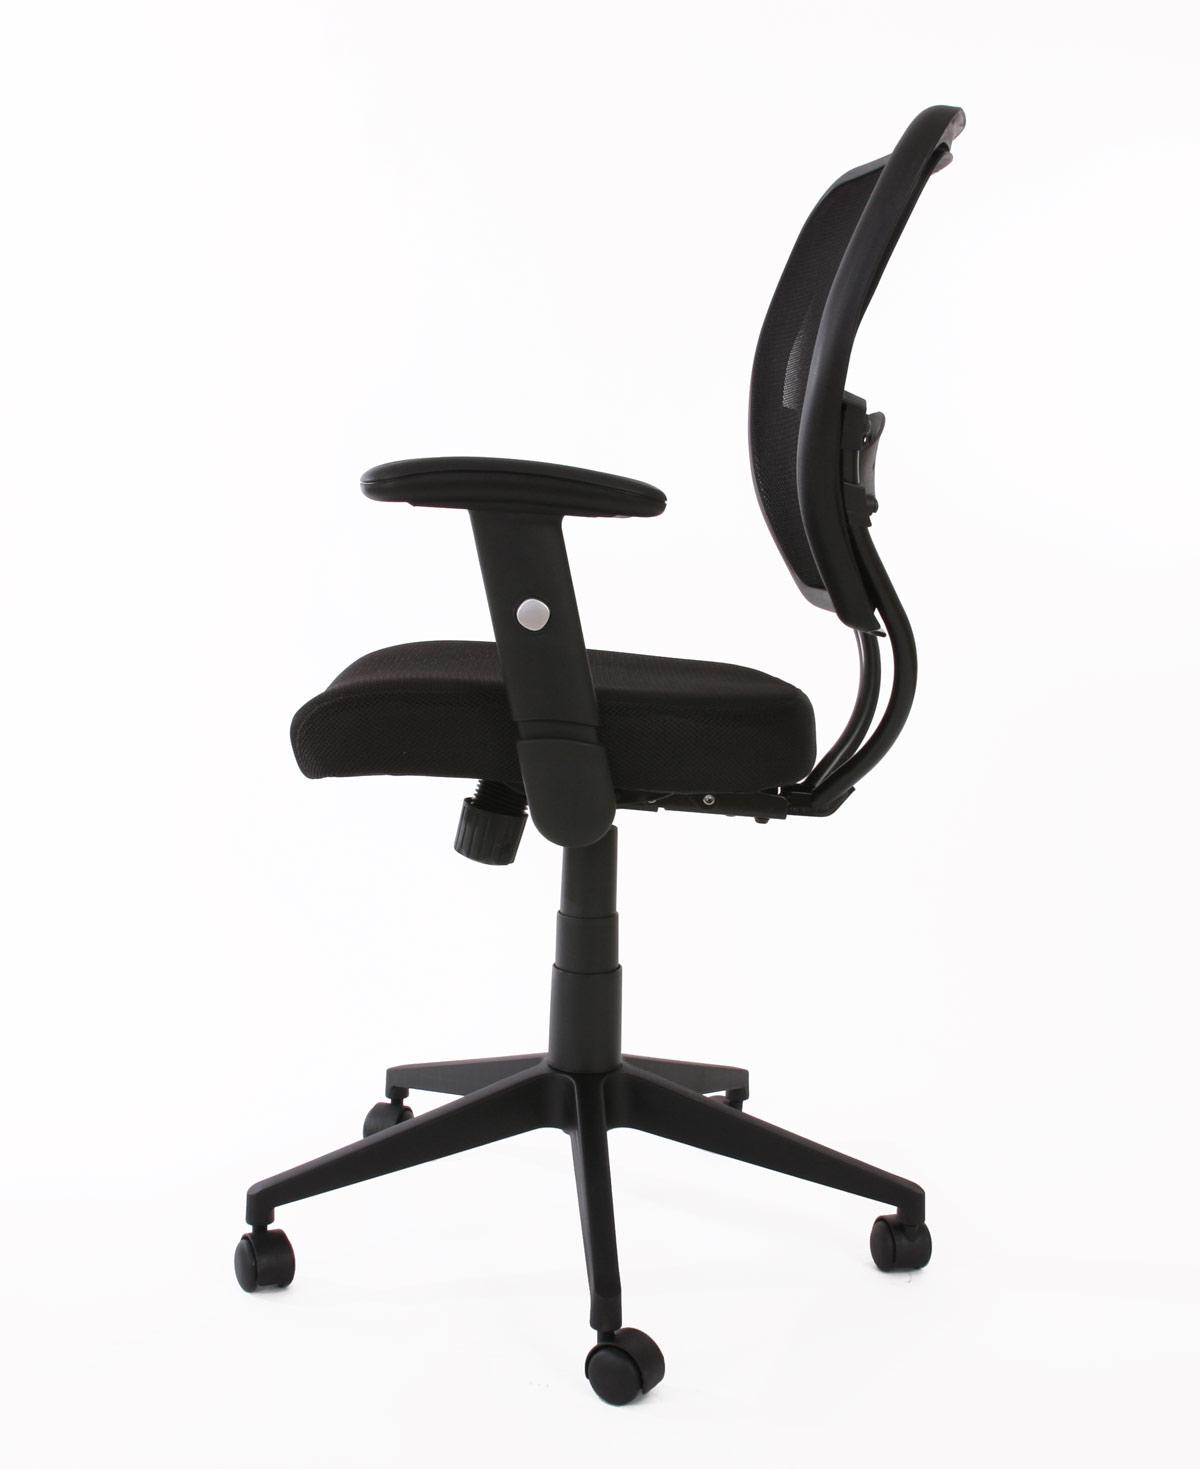 fauteuil chaise de bureau seattle charge 150kg tissu noir. Black Bedroom Furniture Sets. Home Design Ideas